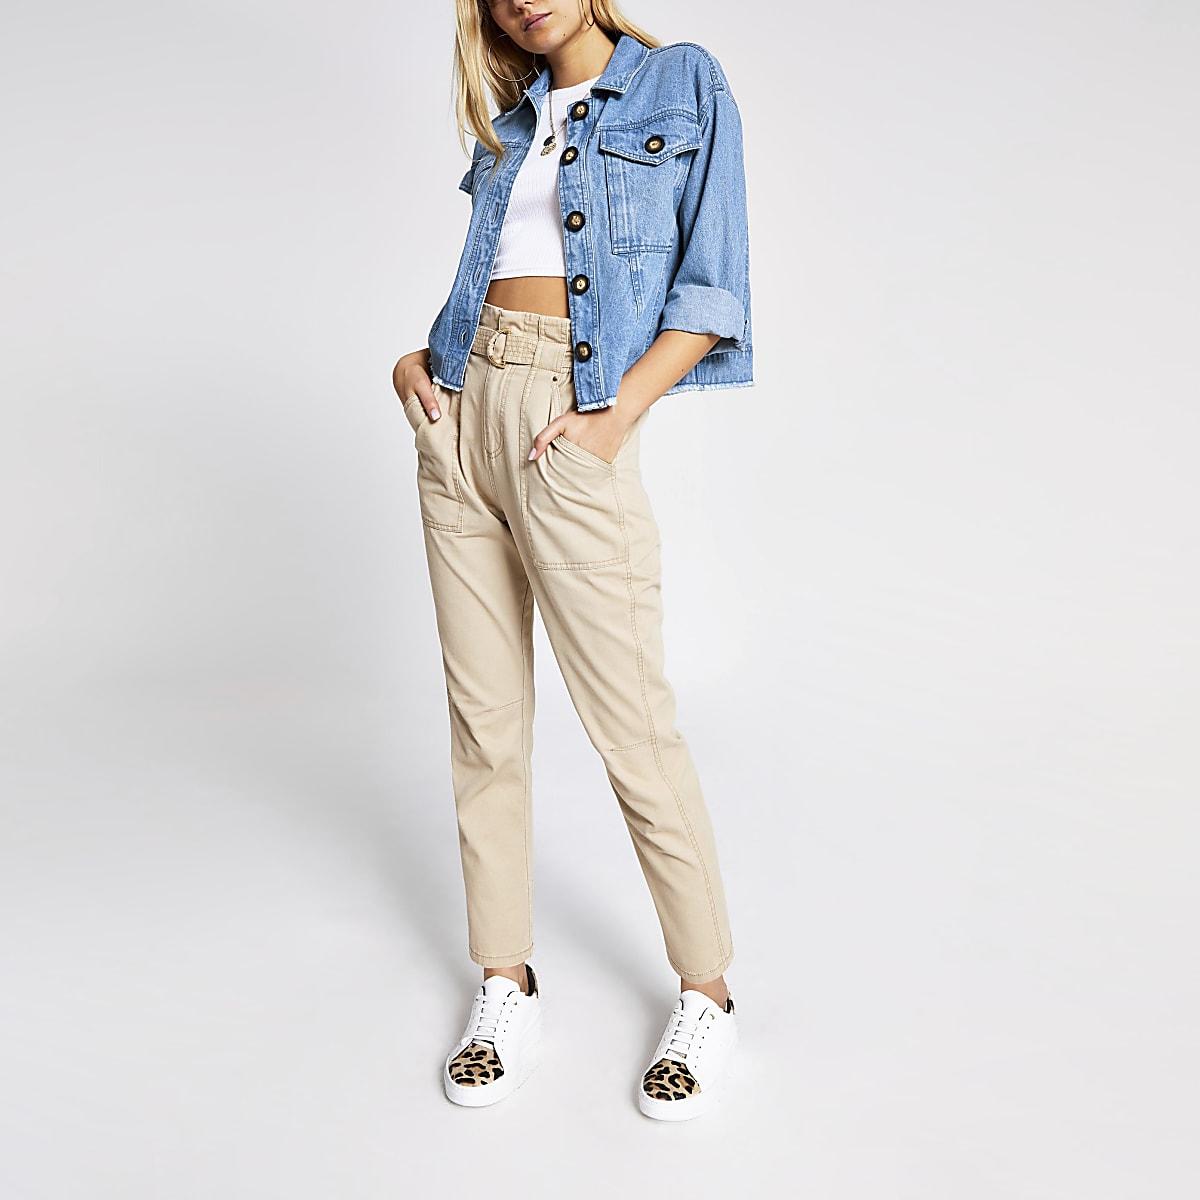 Veste-chemise courte boutonnée en jean bleu